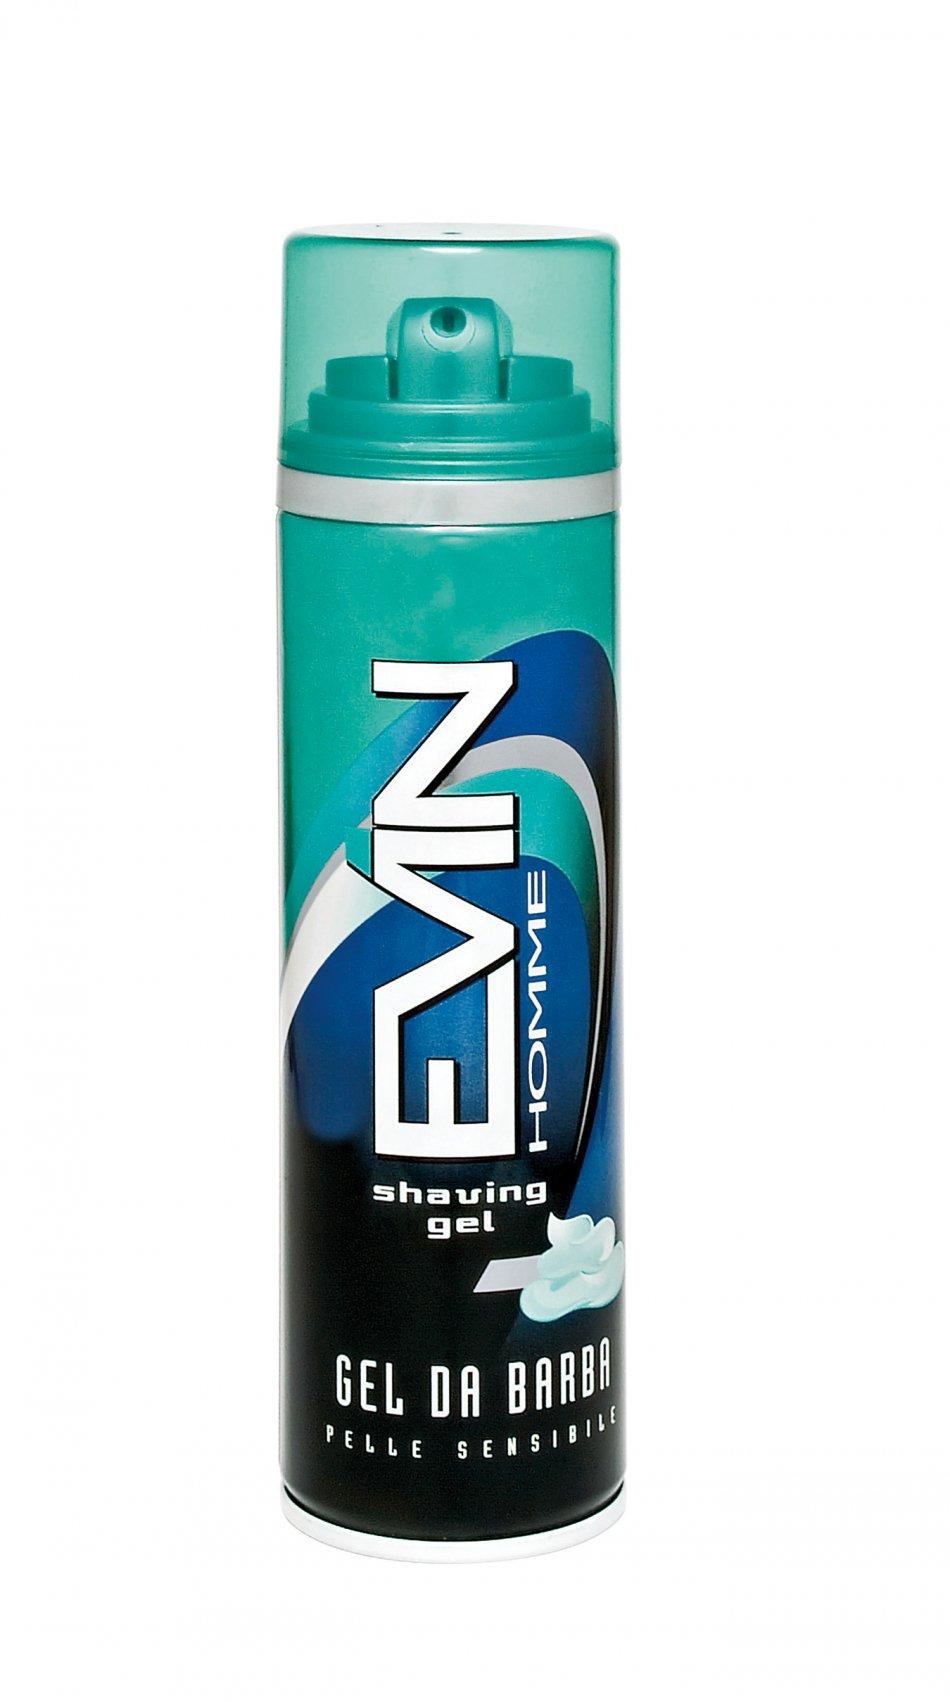 EVYN  GEL  DE  RAS200 ml